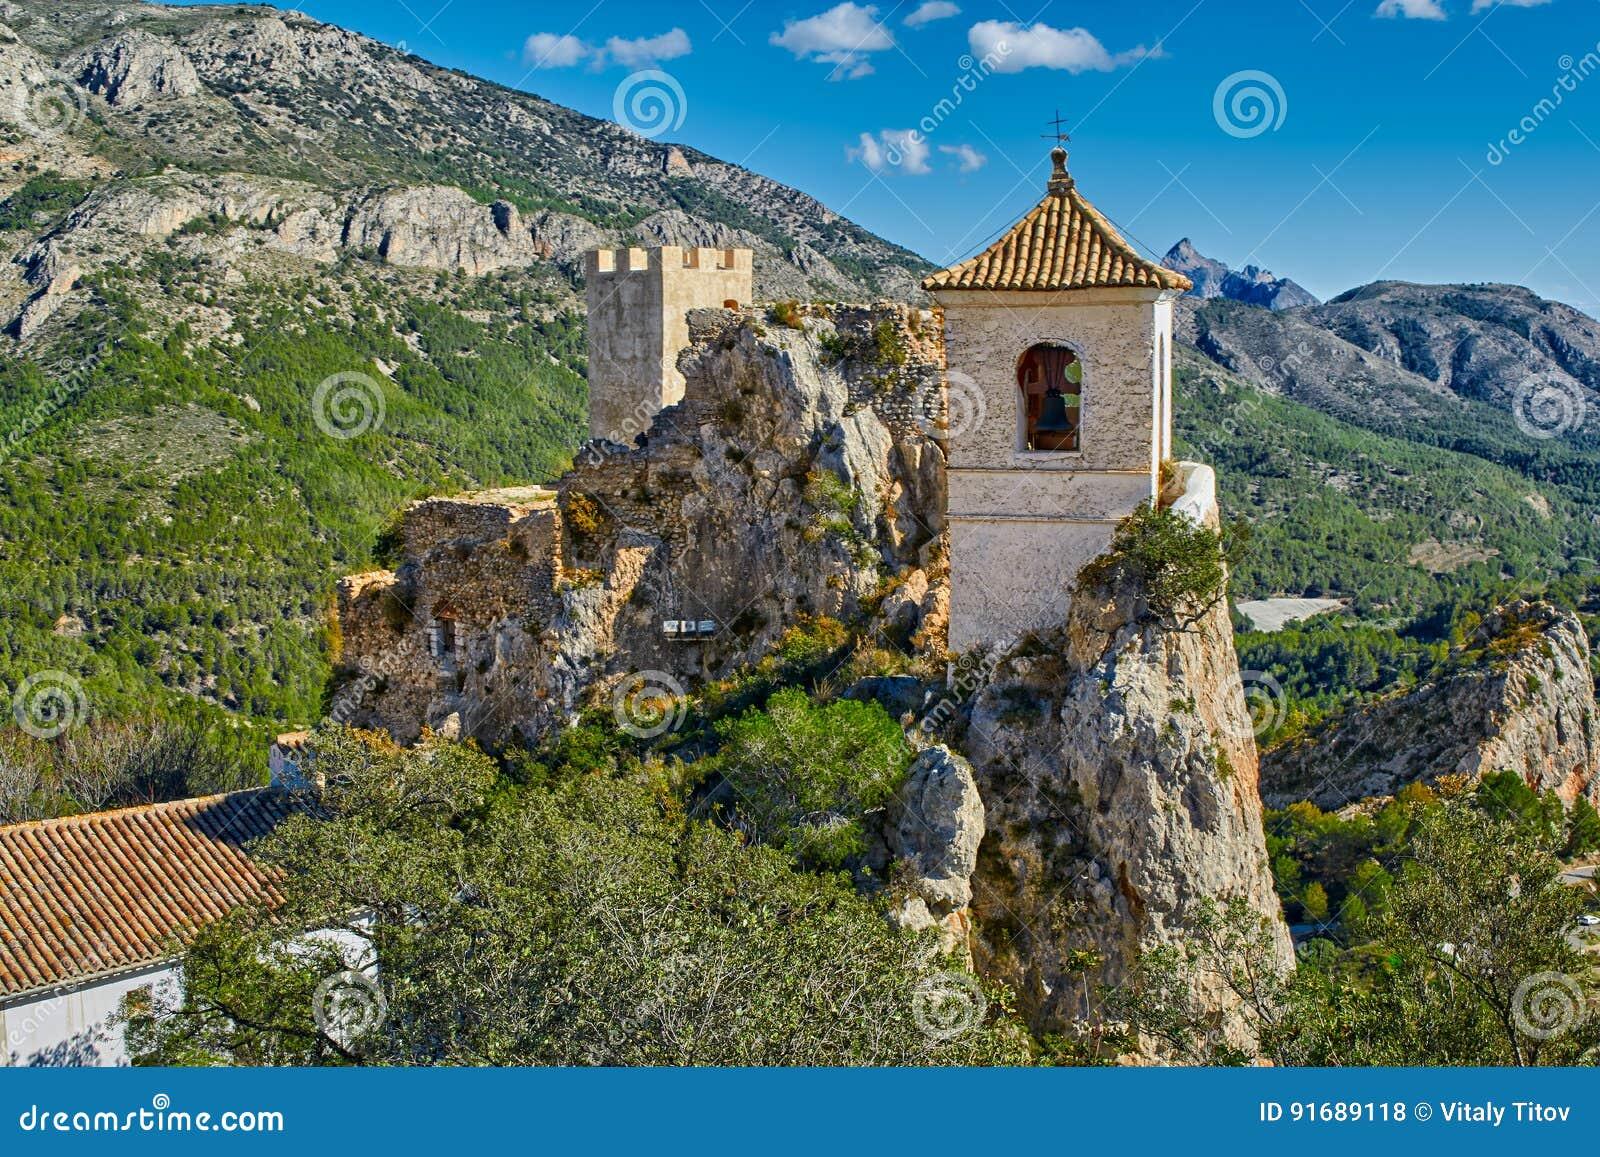 El castell de guadalest in alicante spagna del castello di guadalest fotografia stock - Stock uno alicante ...